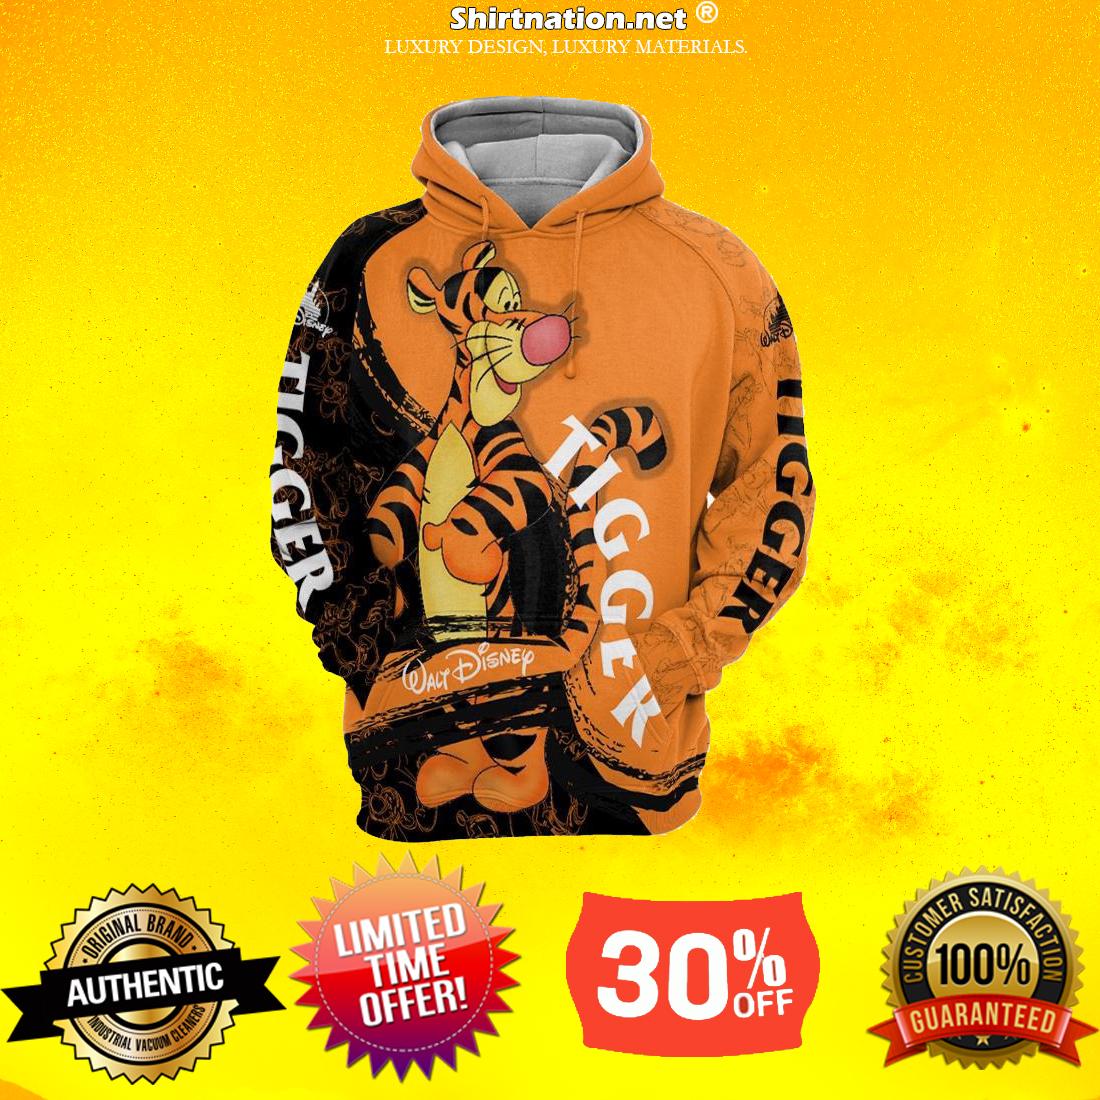 Walt Disney Tiger 3d full print hoodies